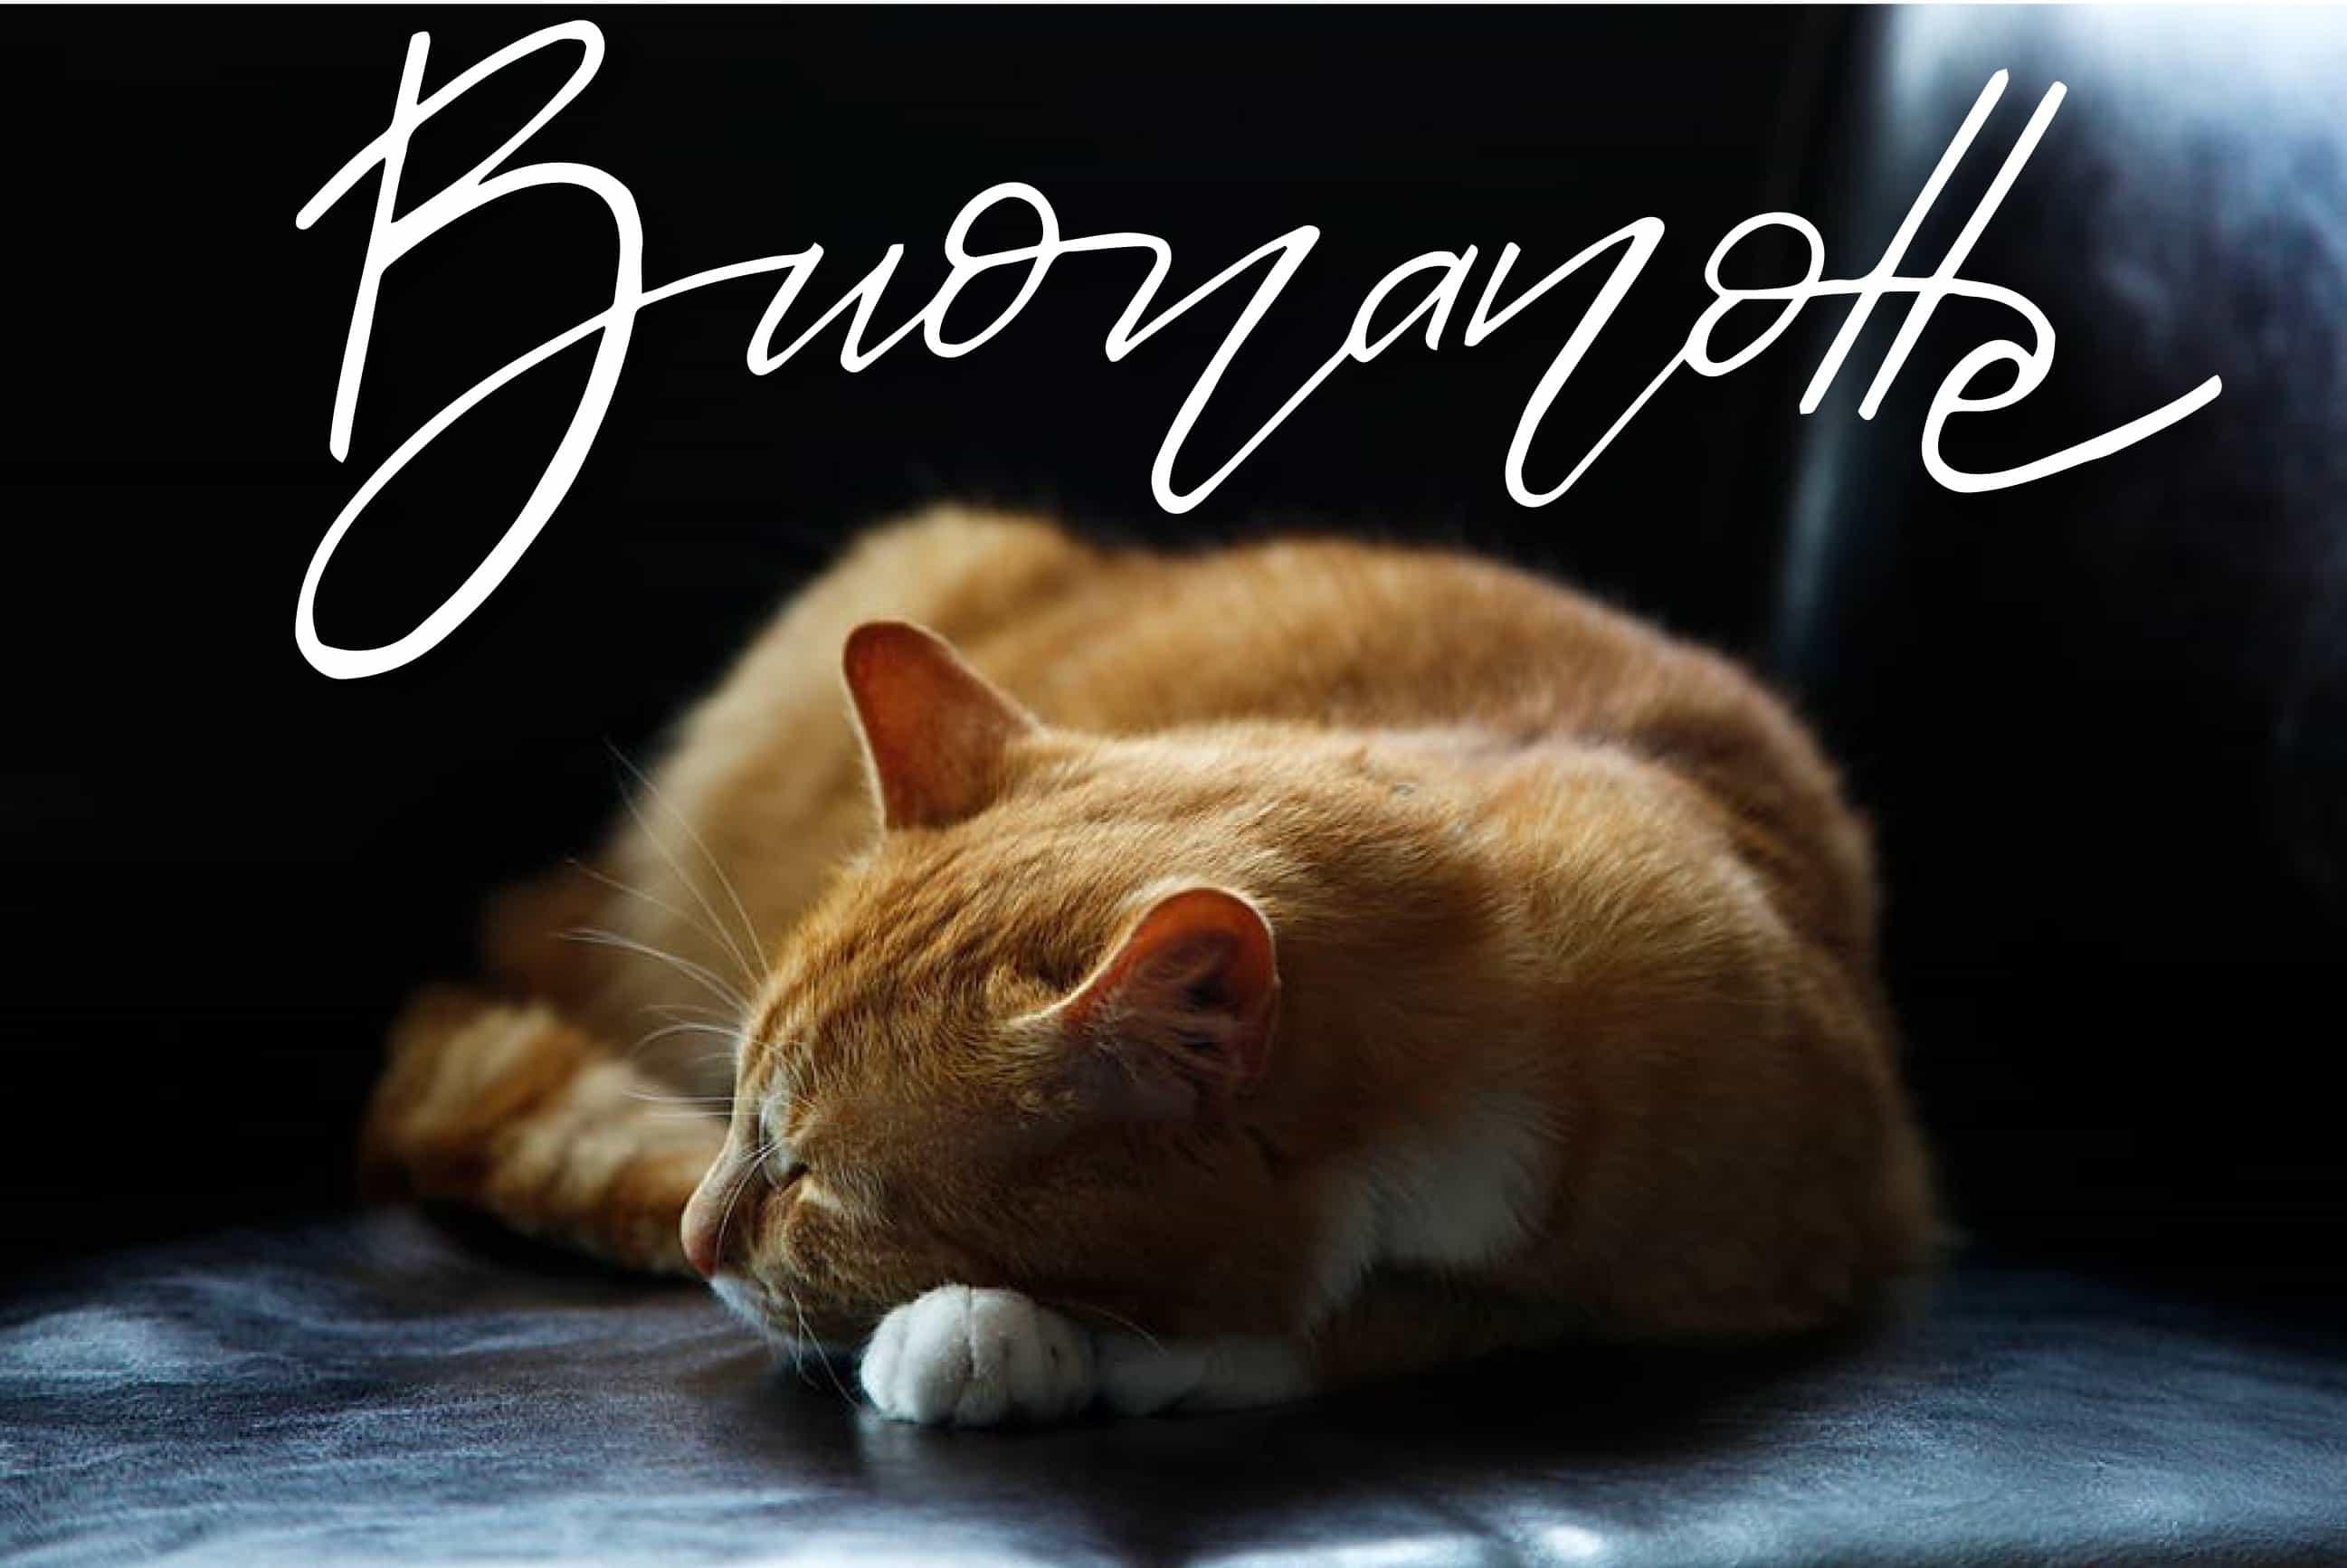 Buonanotte foto nuovo con gatto